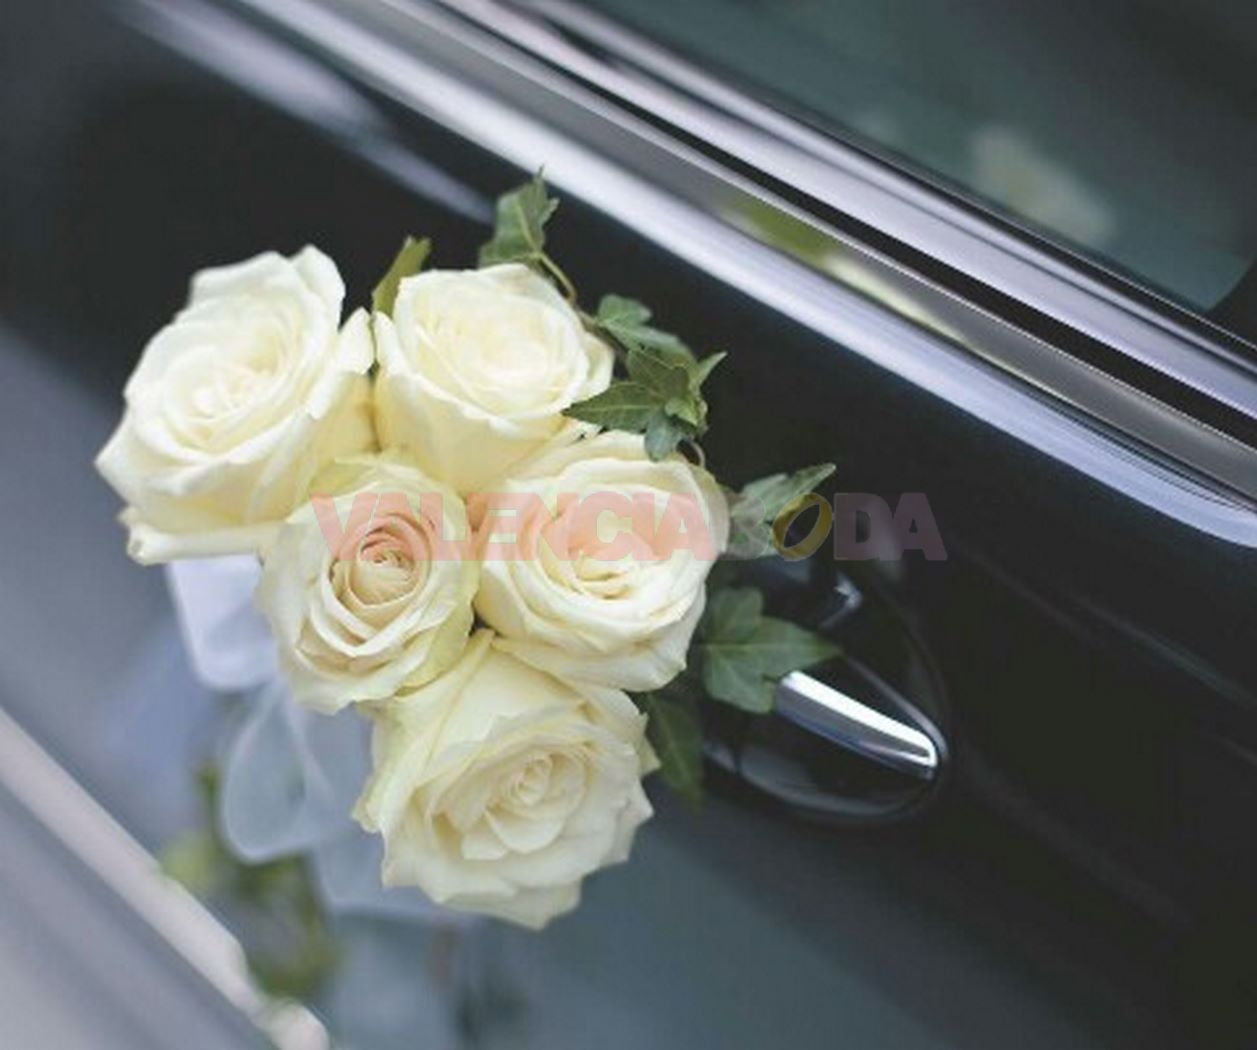 decoración de flores para coches de boda